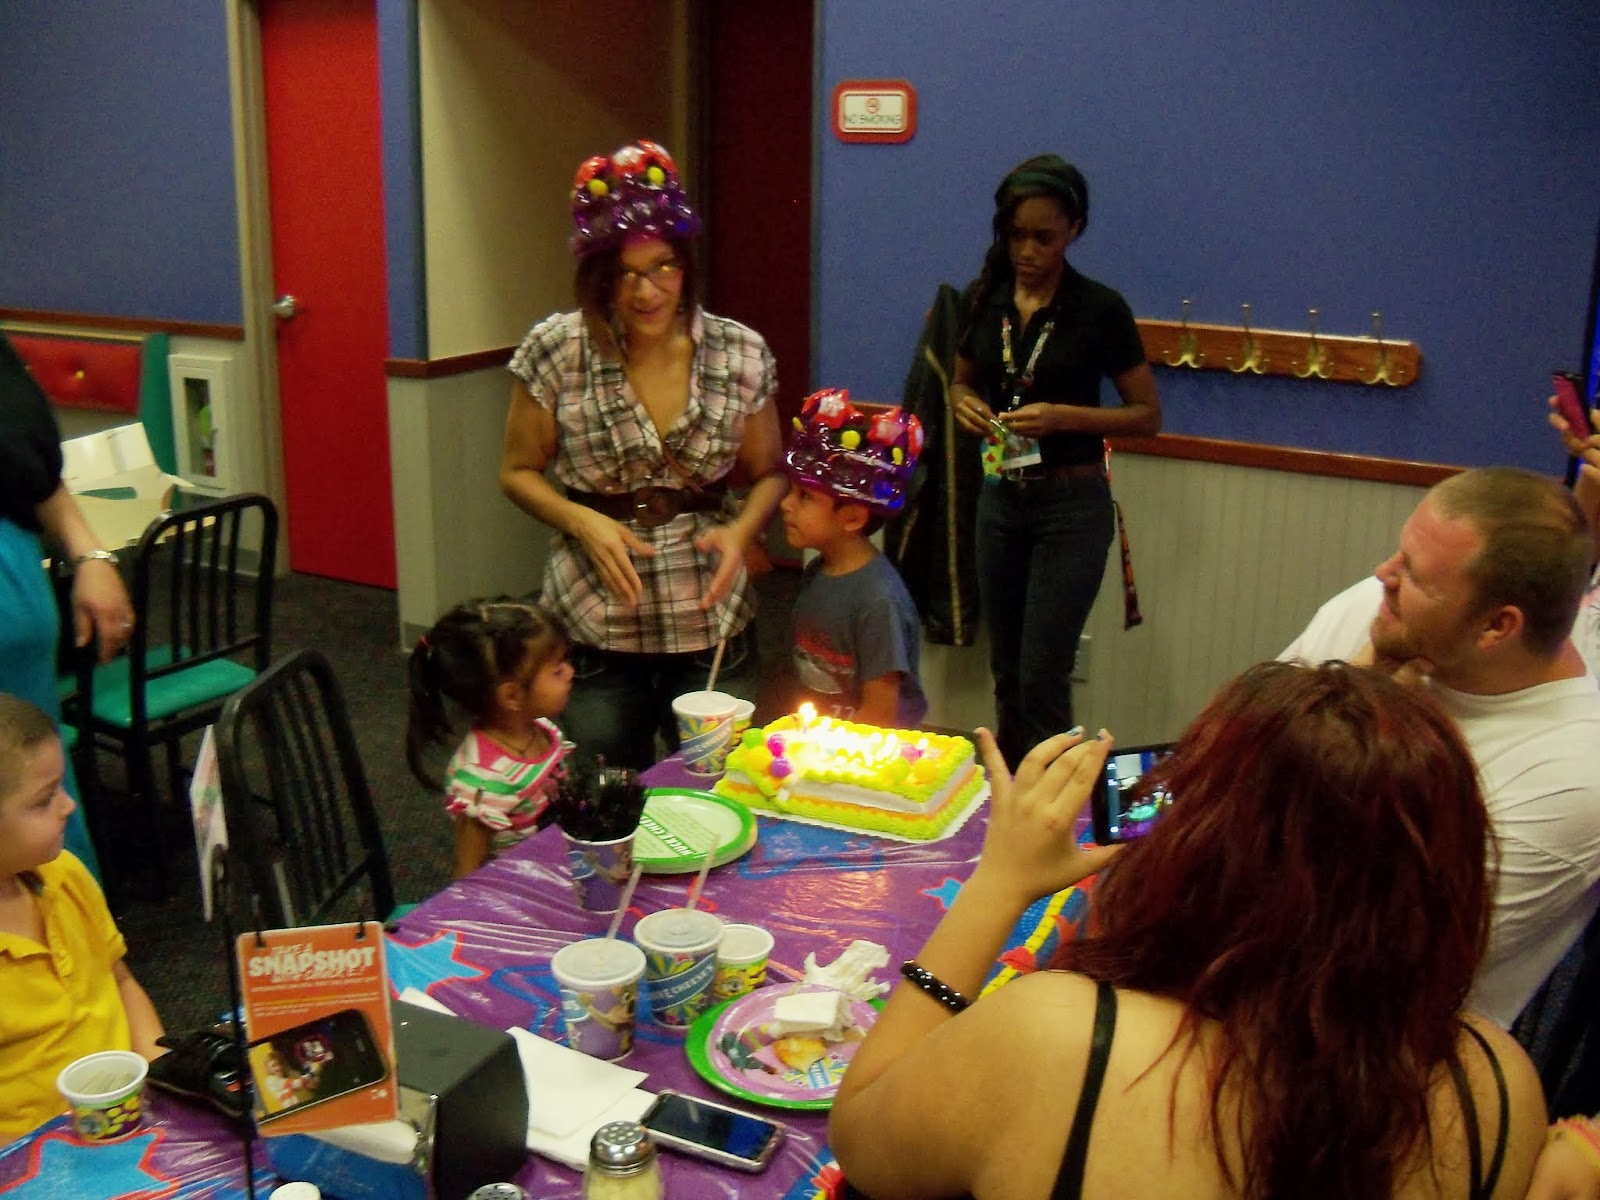 Jaidens Birthday Party - 115_7320.JPG